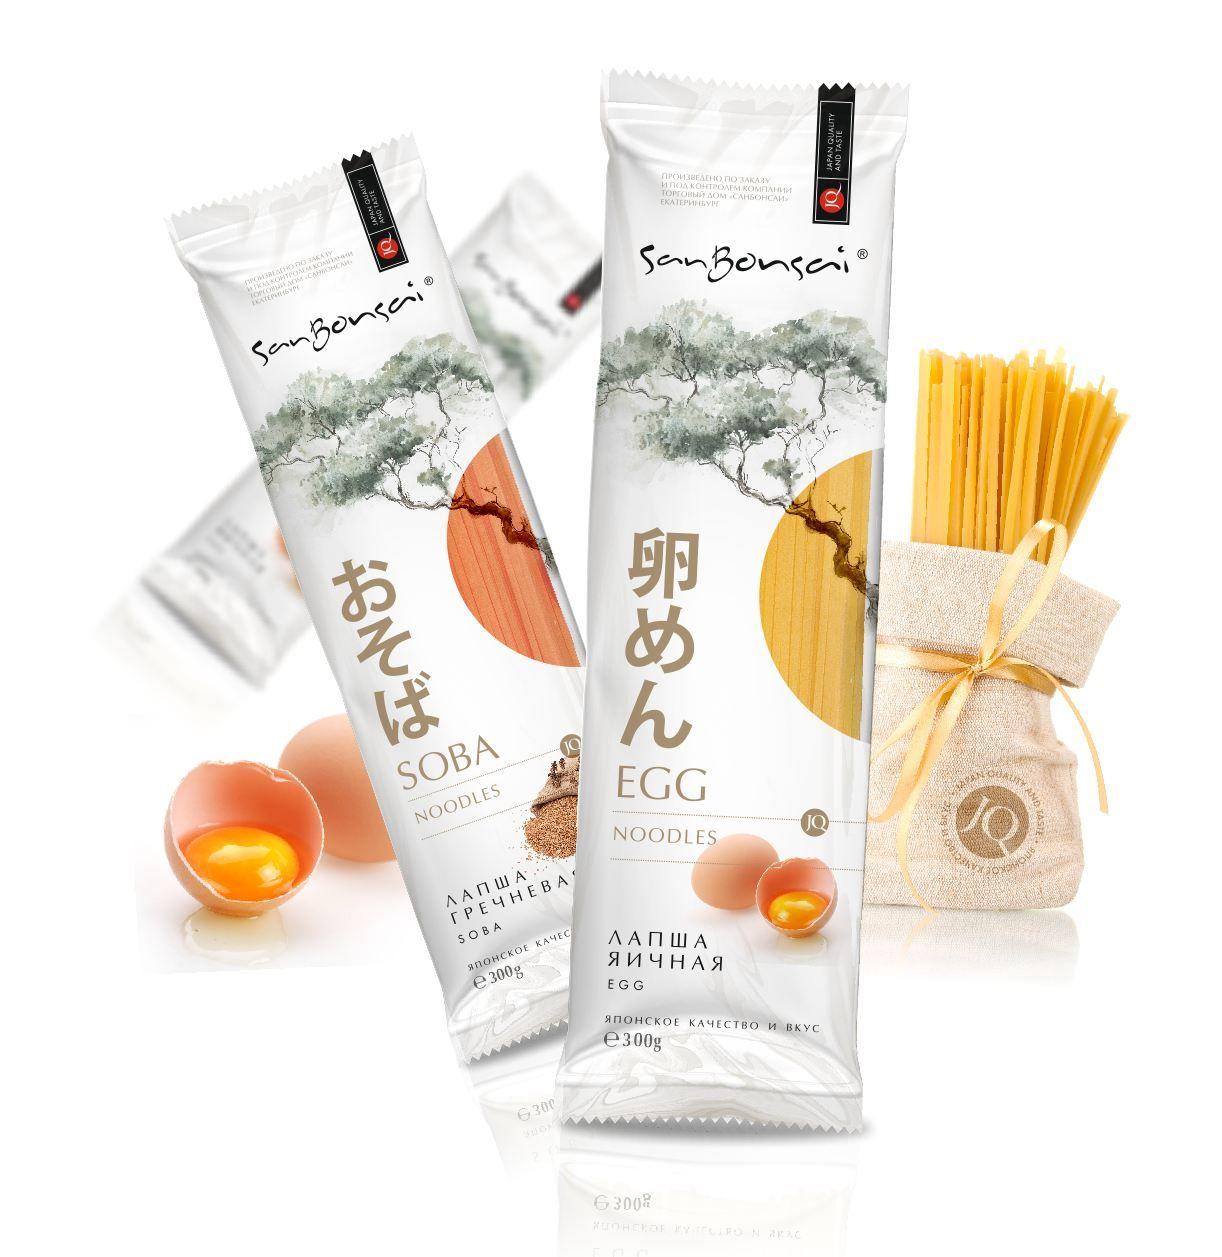 Kết quả hình ảnh cho packaging noodles